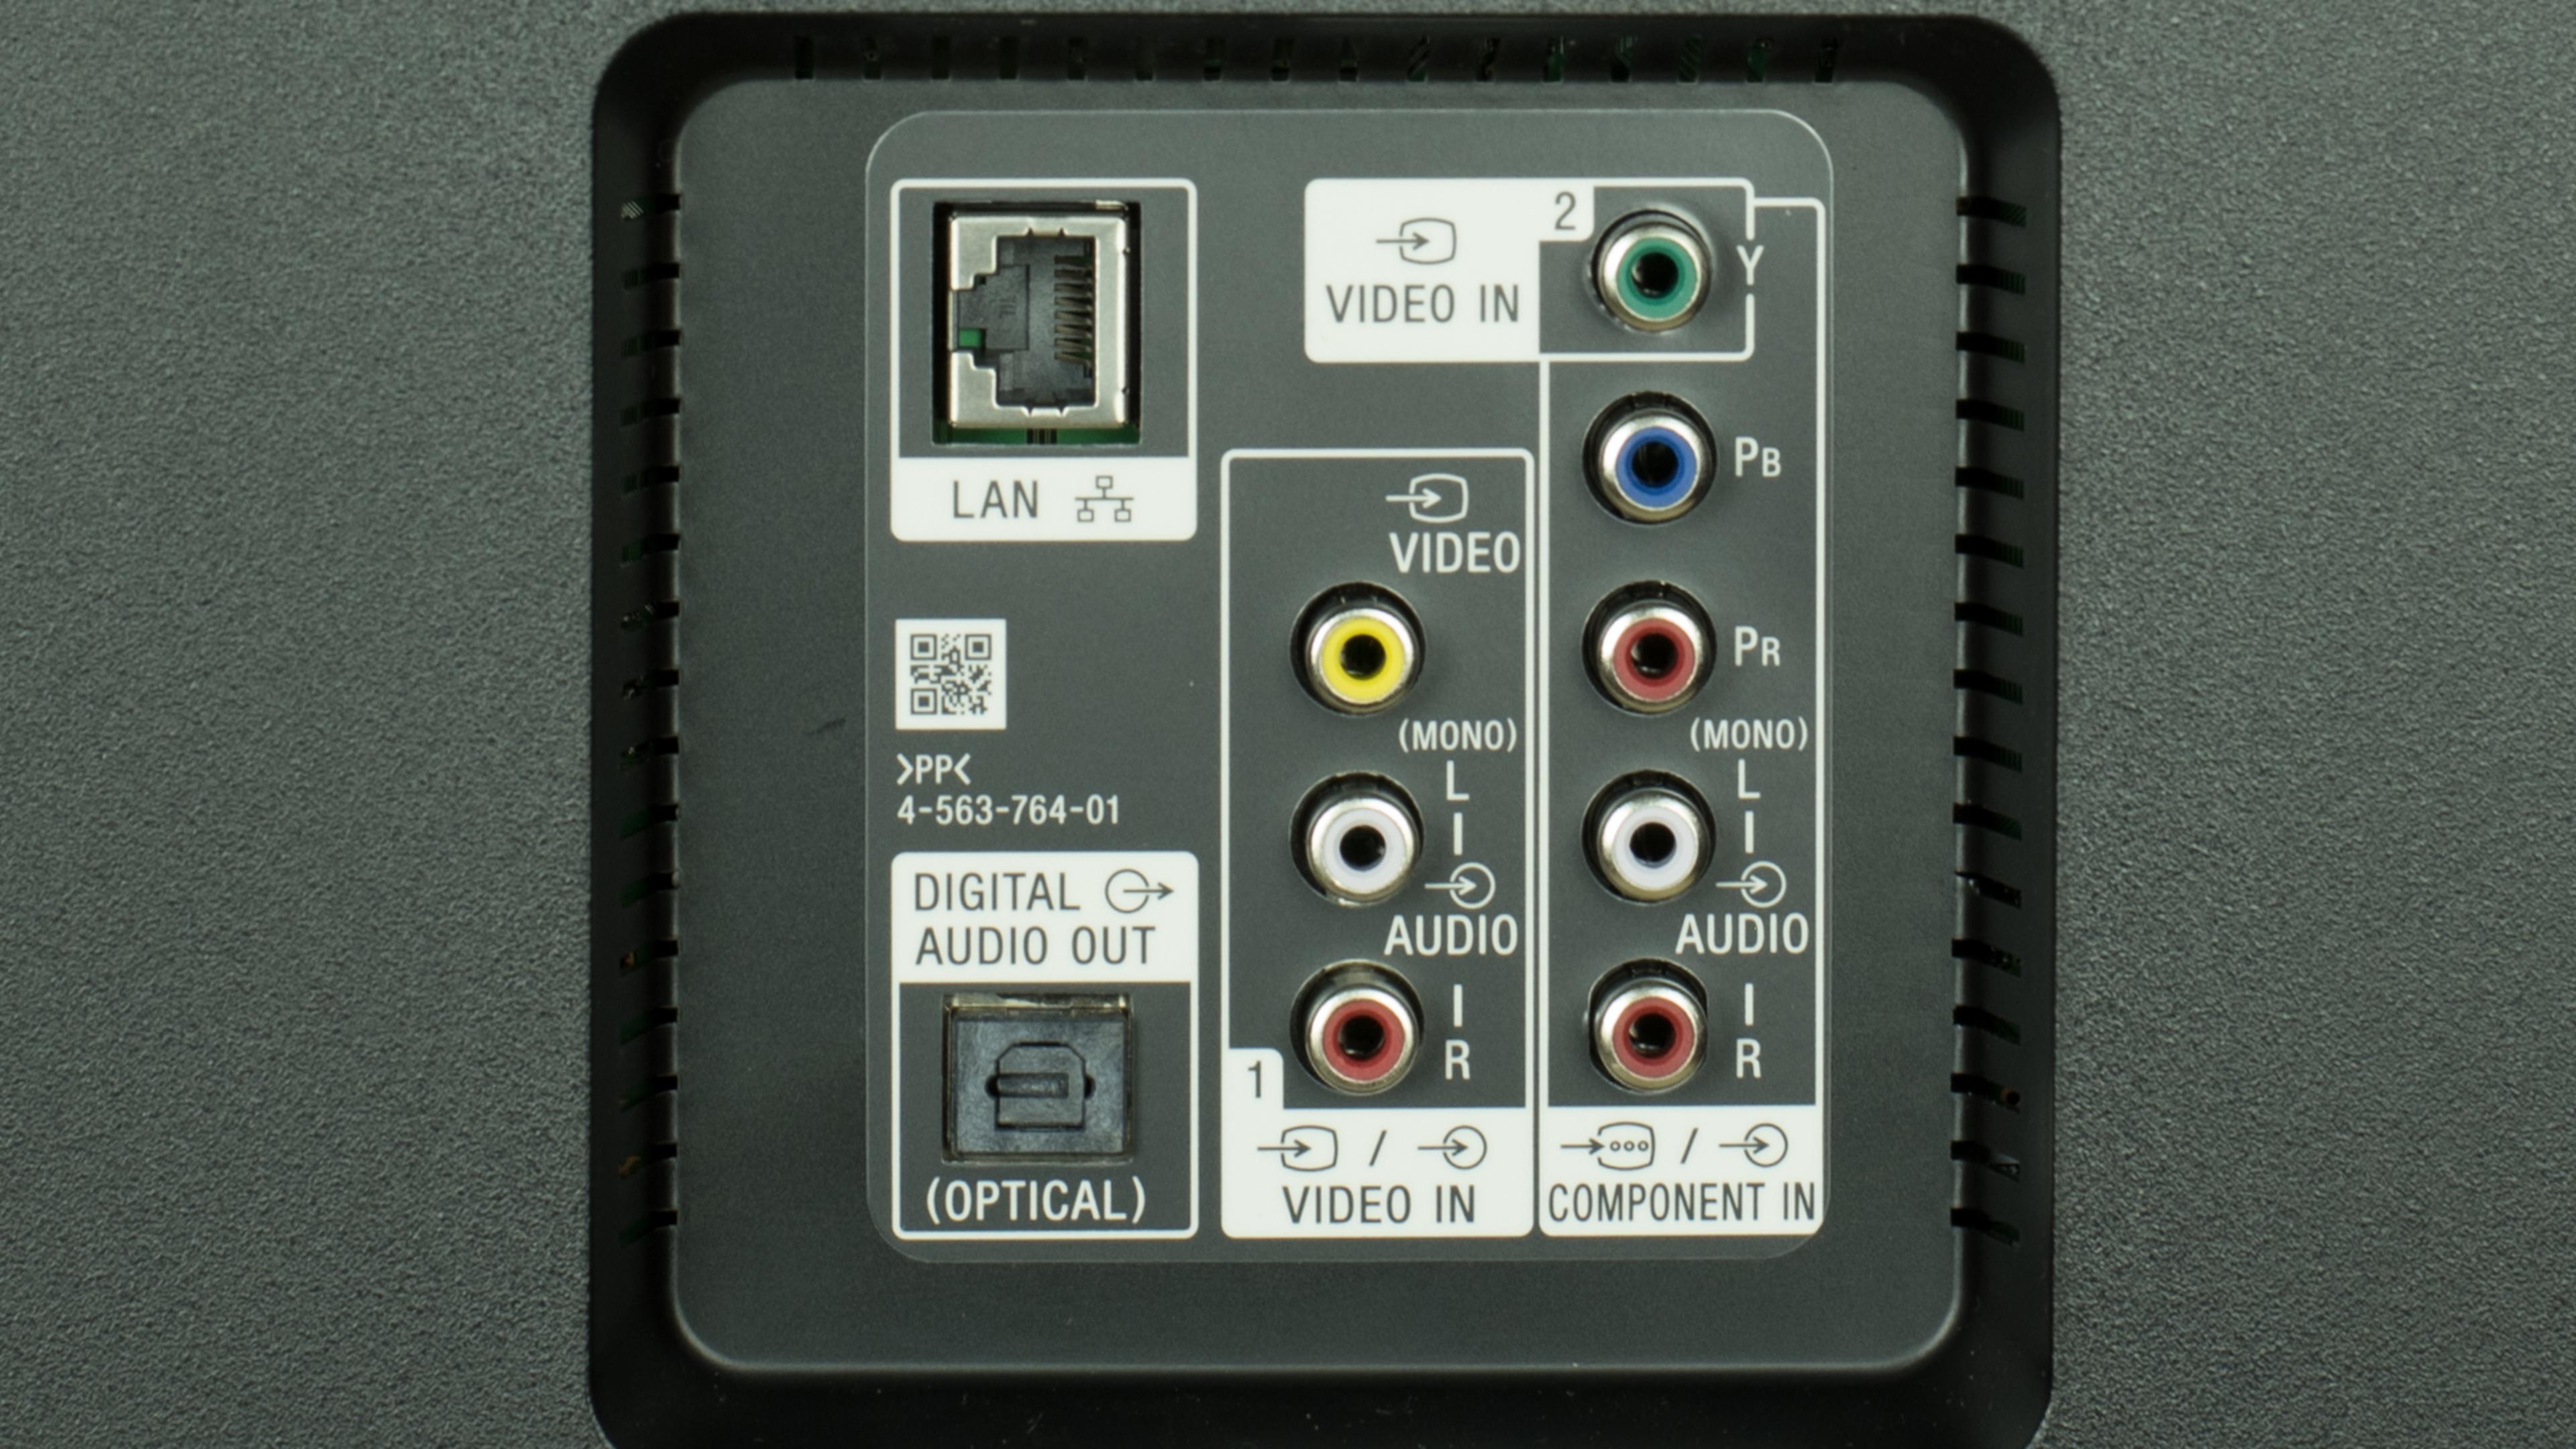 Sony X810c Review Xbr55x810c Xbr65x810c